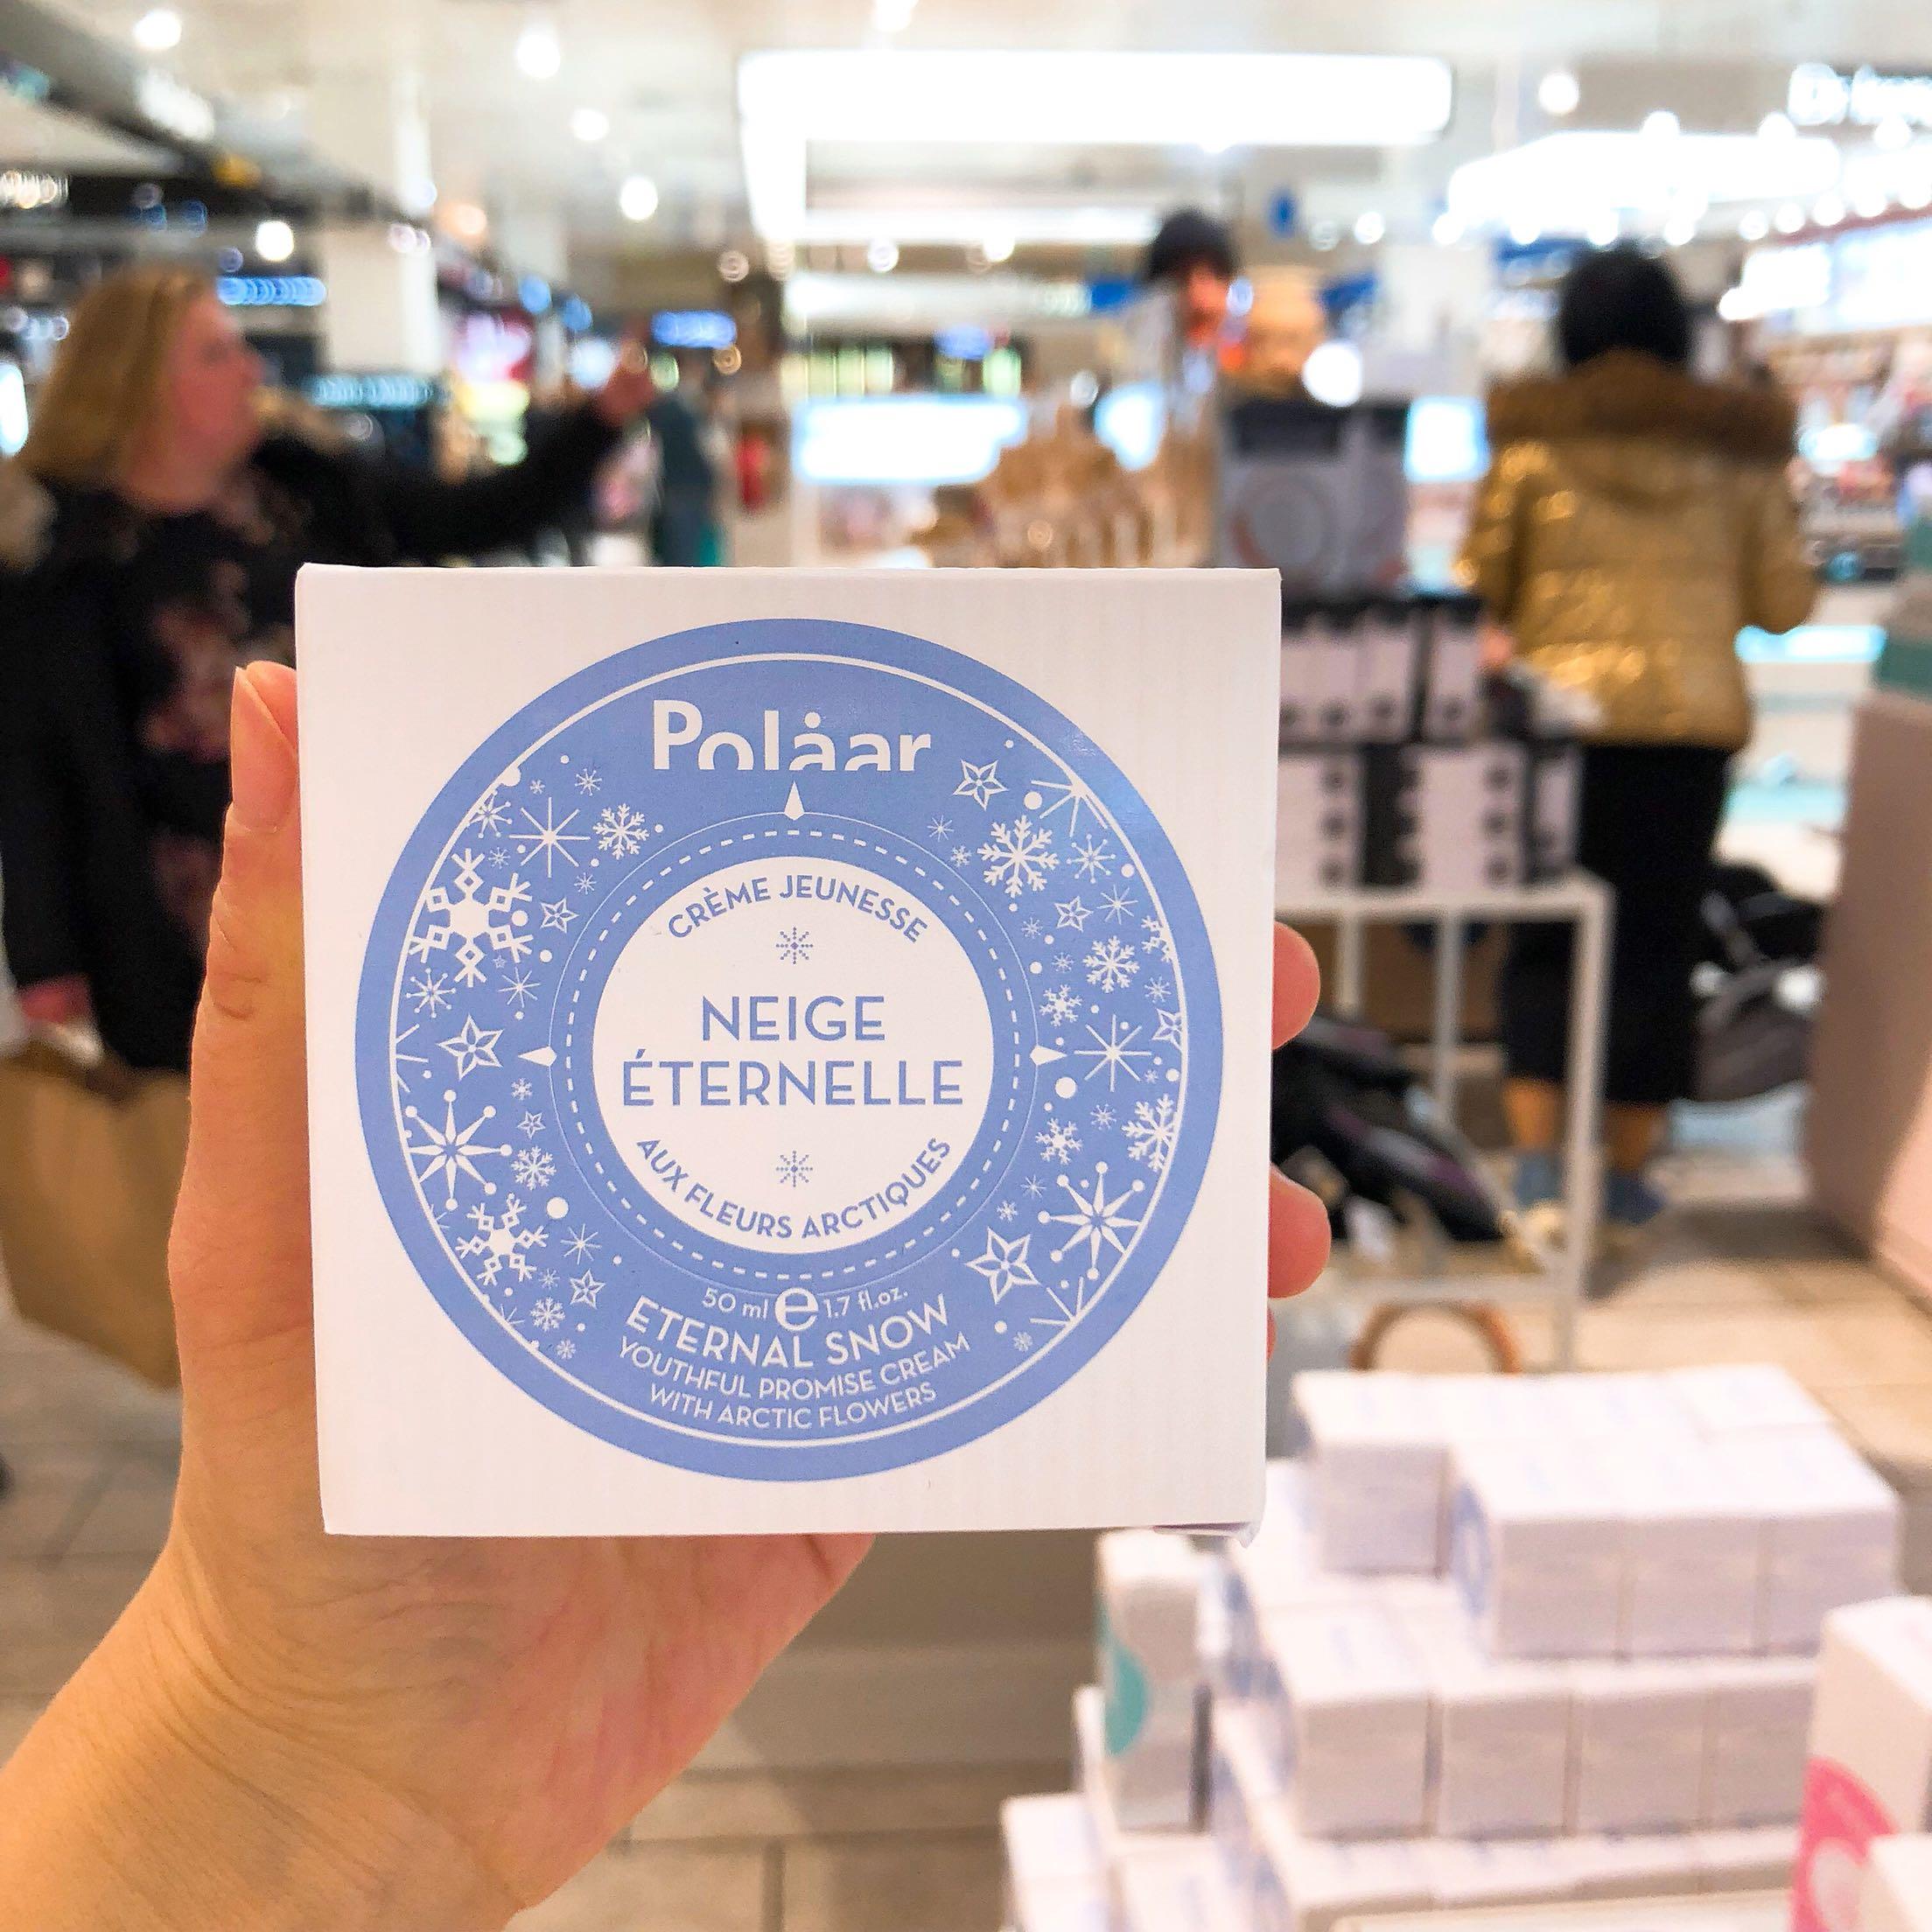 丹麦代购法国polaar极地雪霜肌肤再生霜保湿滋润补水祛皱祛斑优惠券